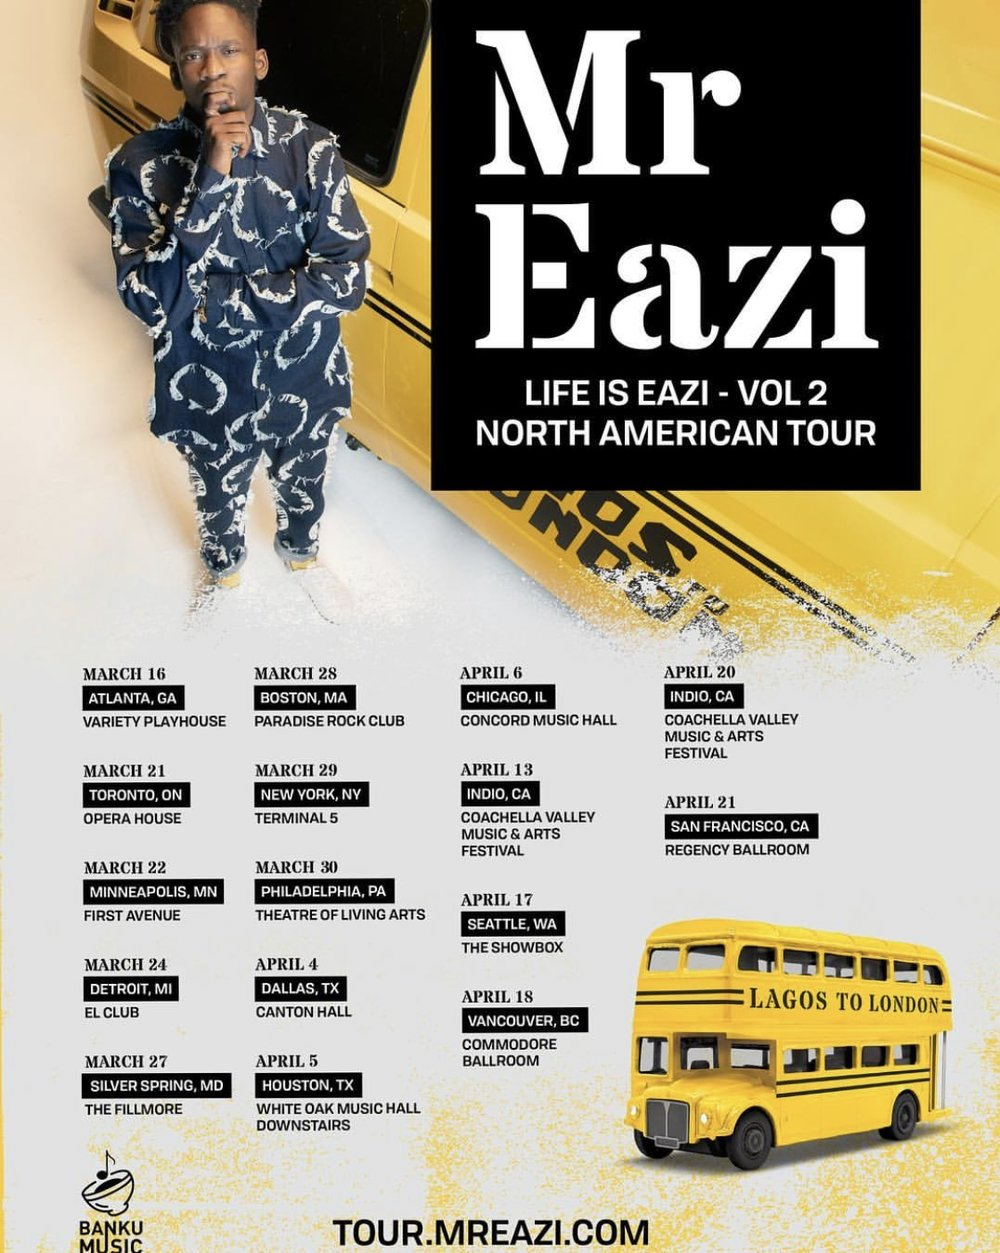 Mr. Eazi Tour